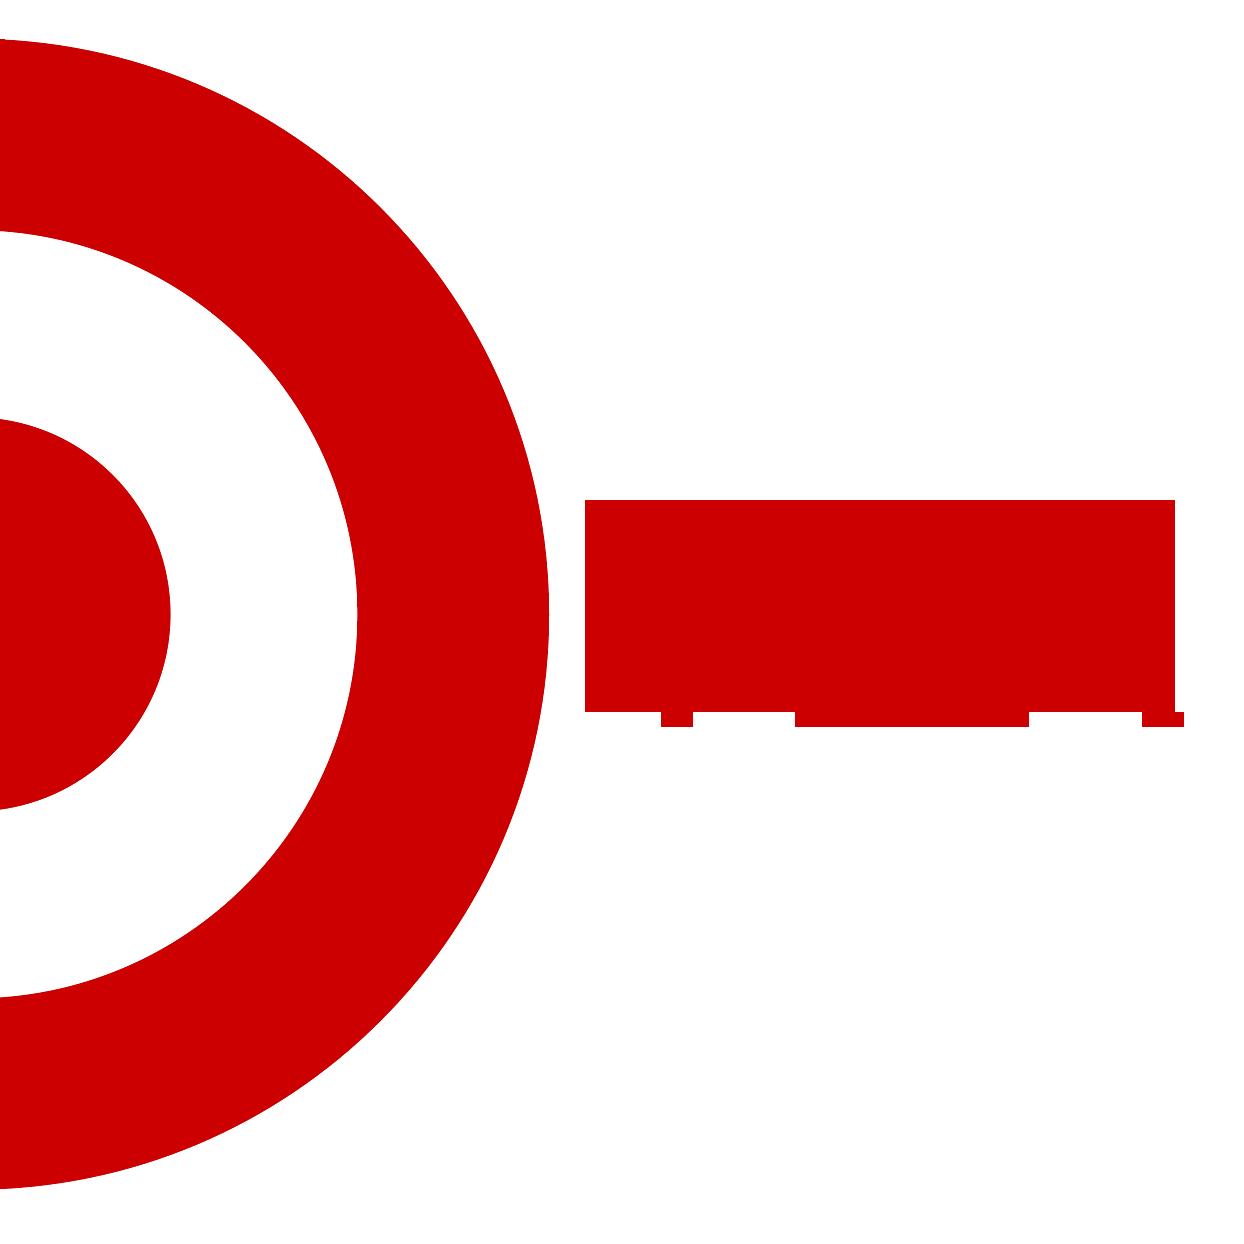 www.thebreakroom.org